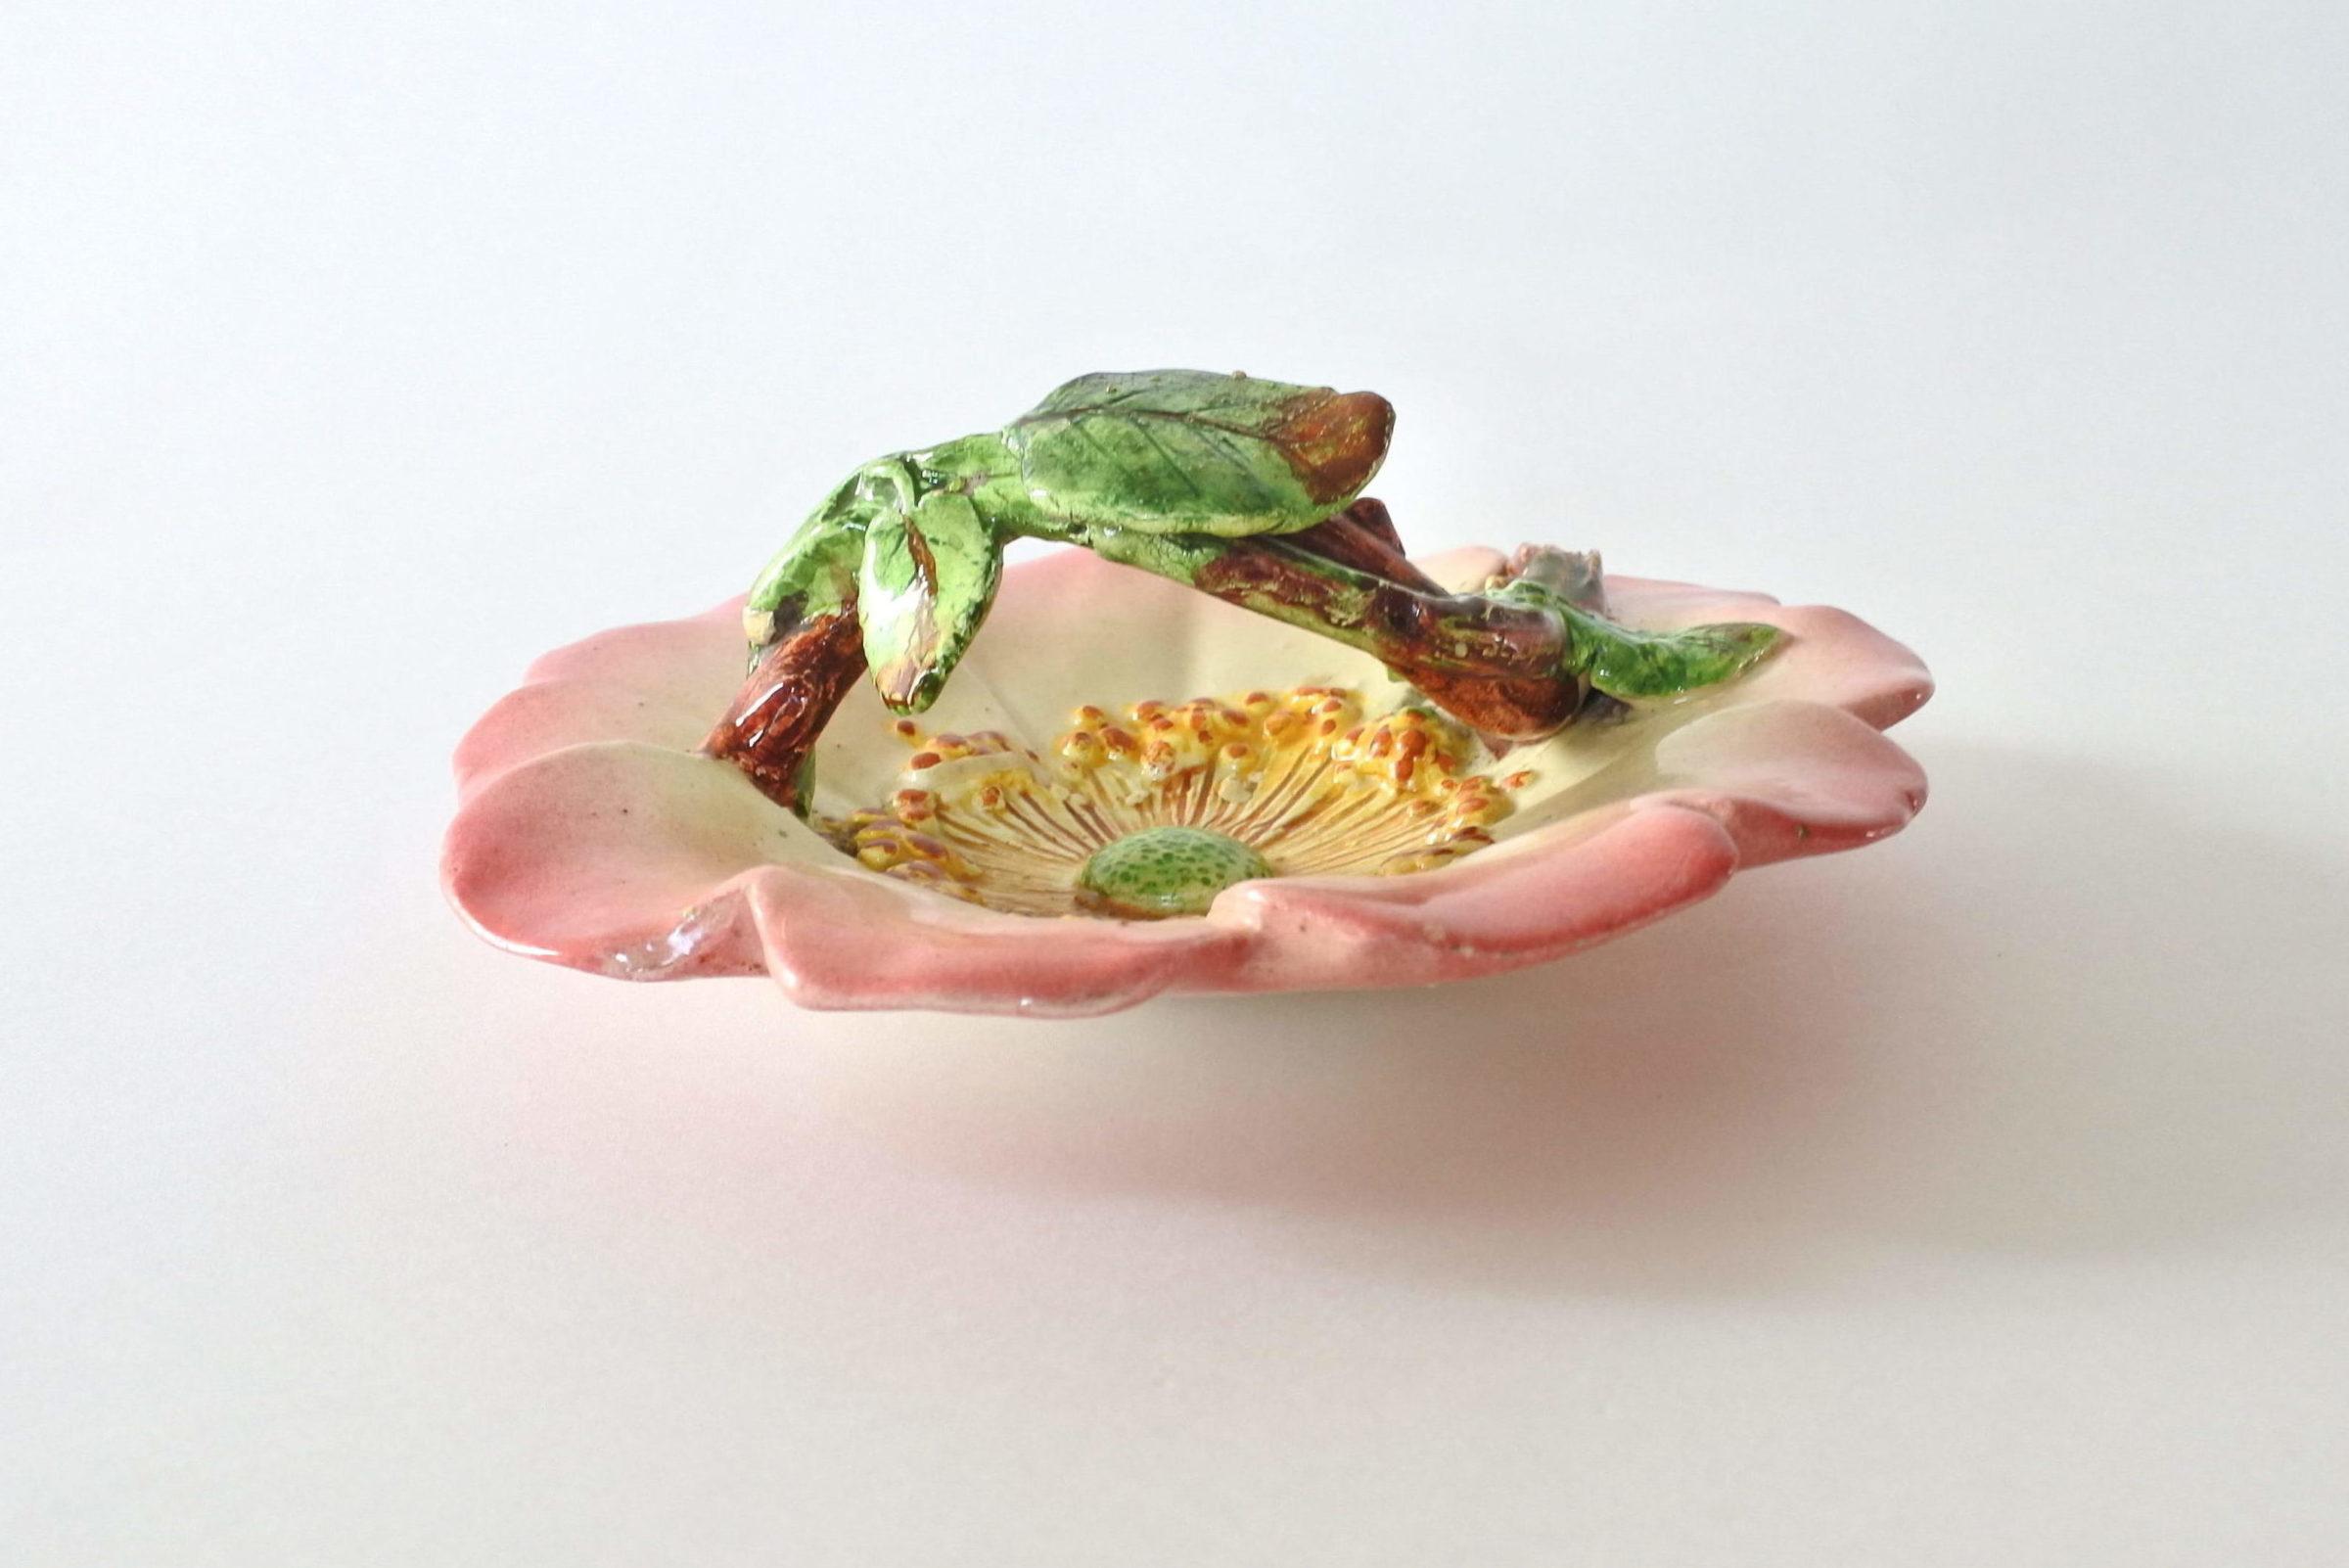 Cestino in ceramica barbotine a forma di rosa canina - Delphin Massier - 2